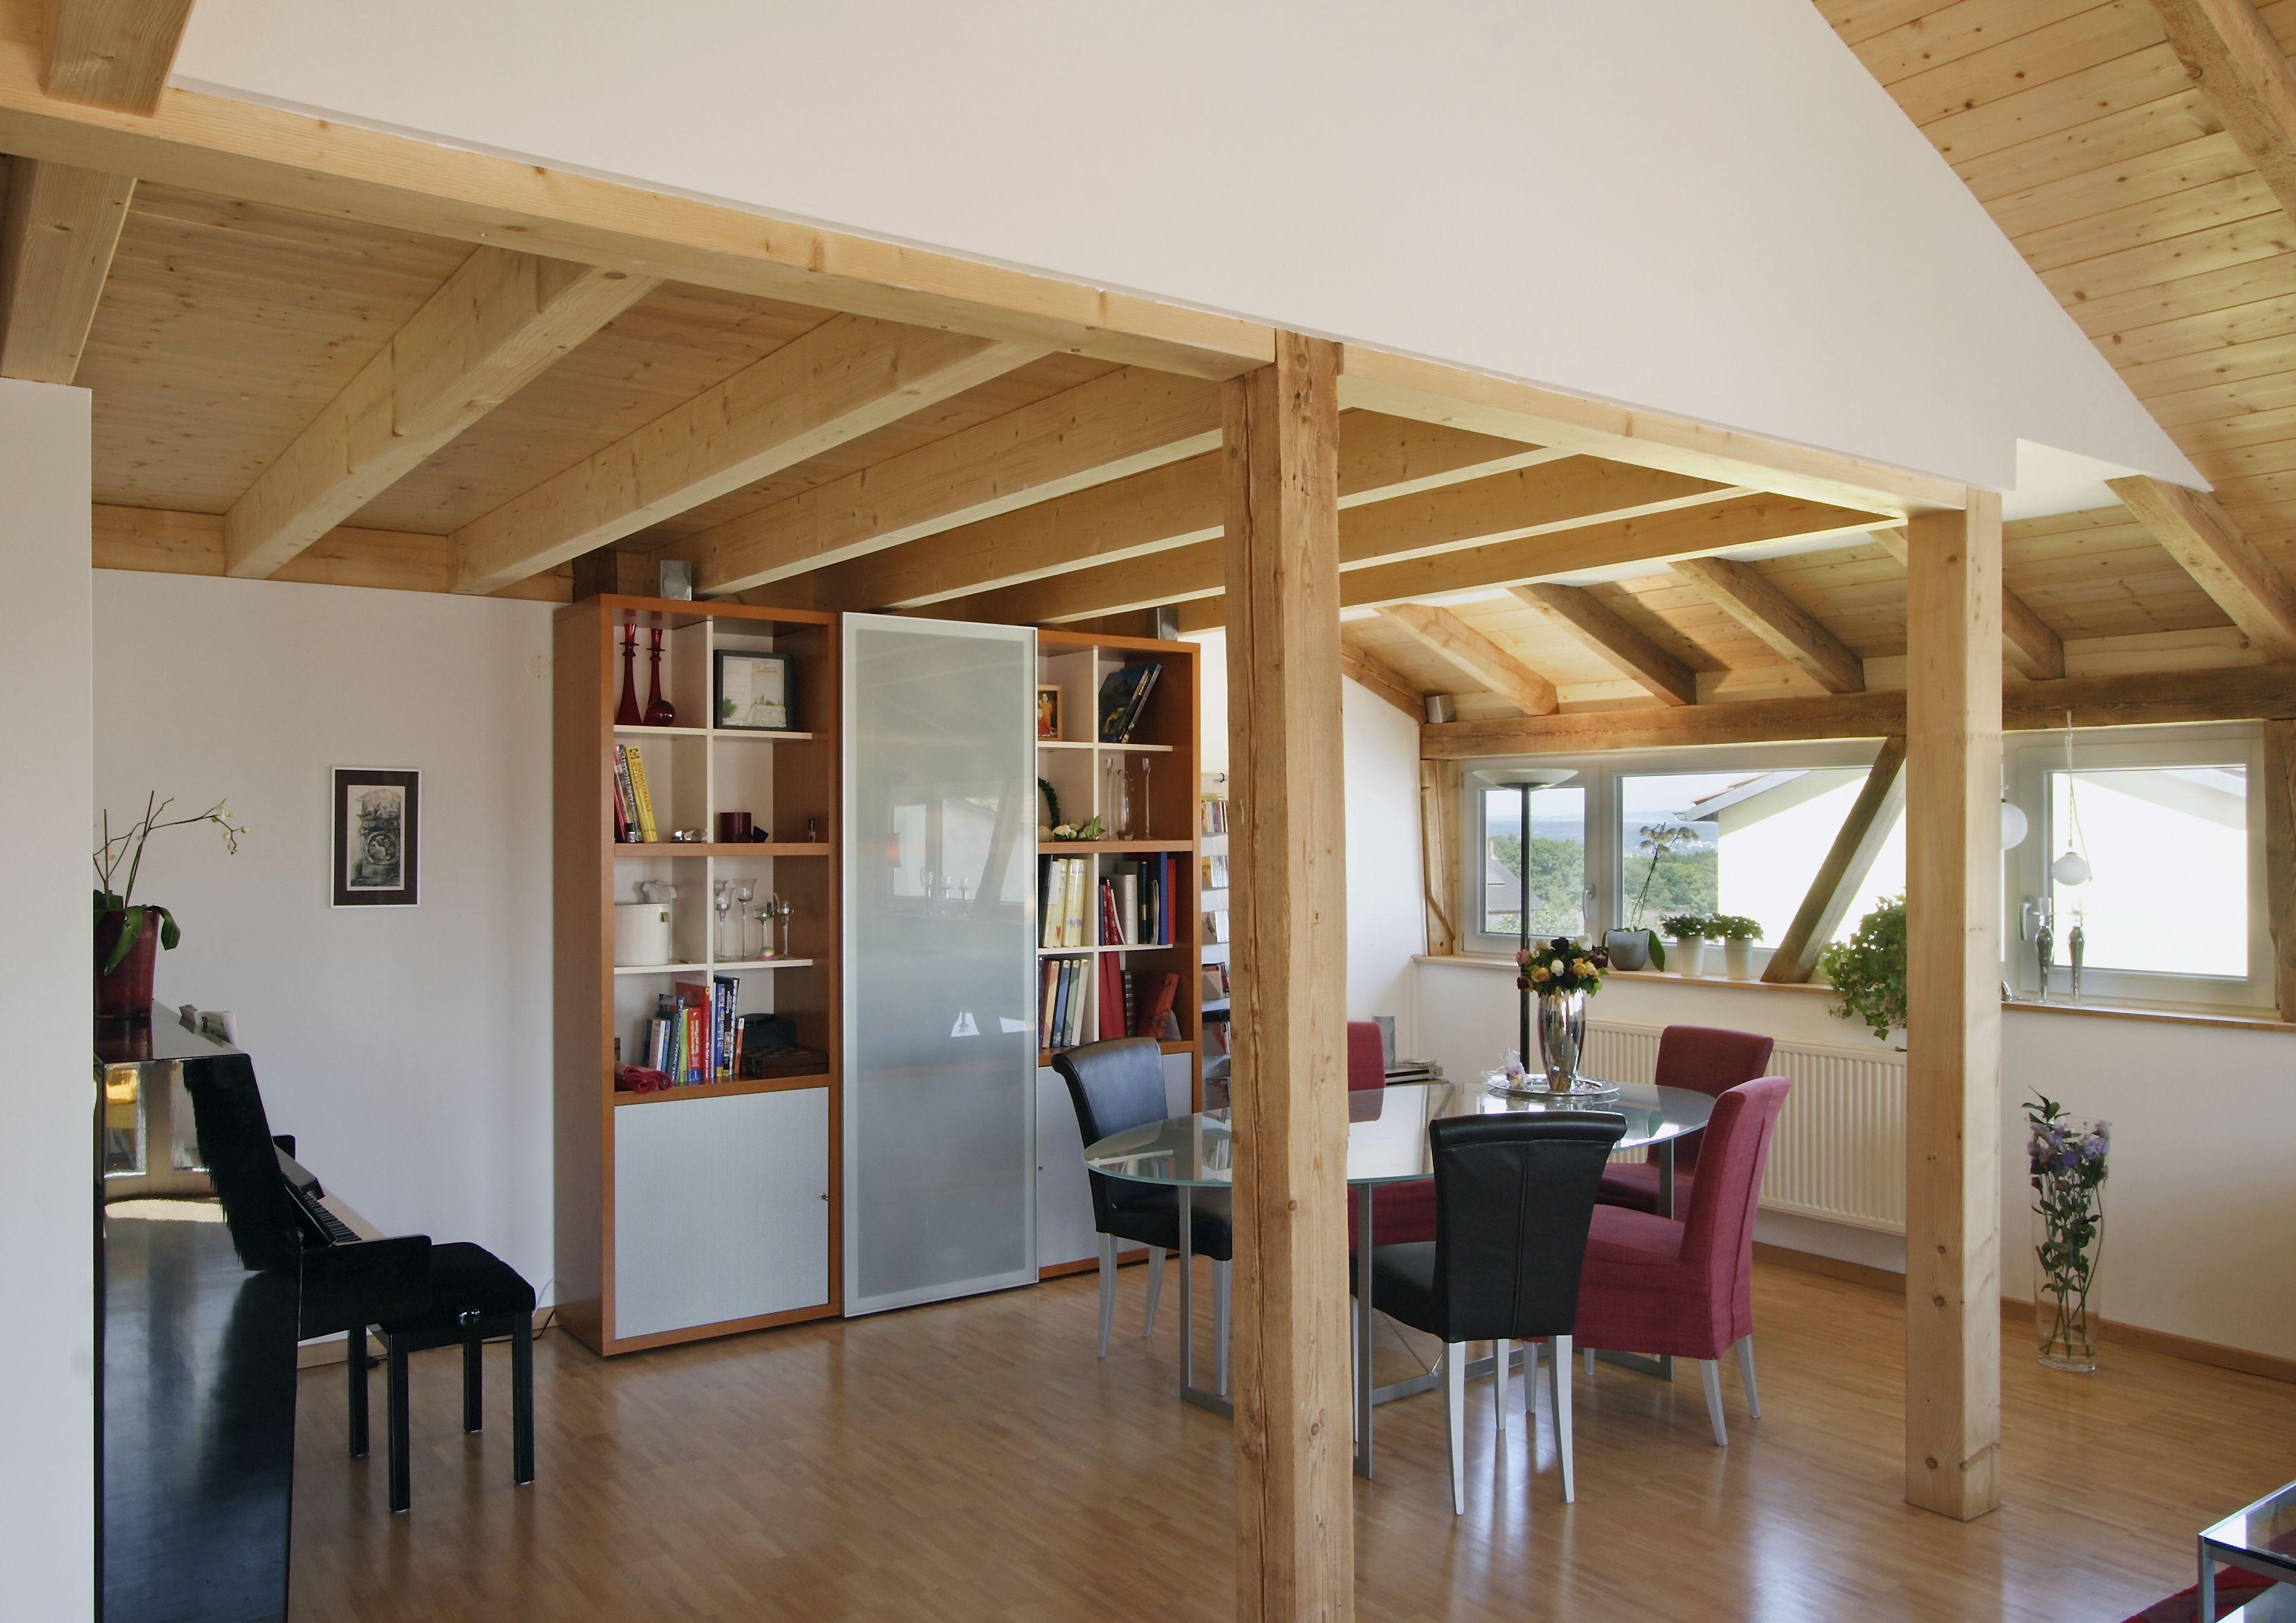 scheune umbau loft sanierung und im alten stallgebude angebaut an maisonette wohnung loftstil. Black Bedroom Furniture Sets. Home Design Ideas